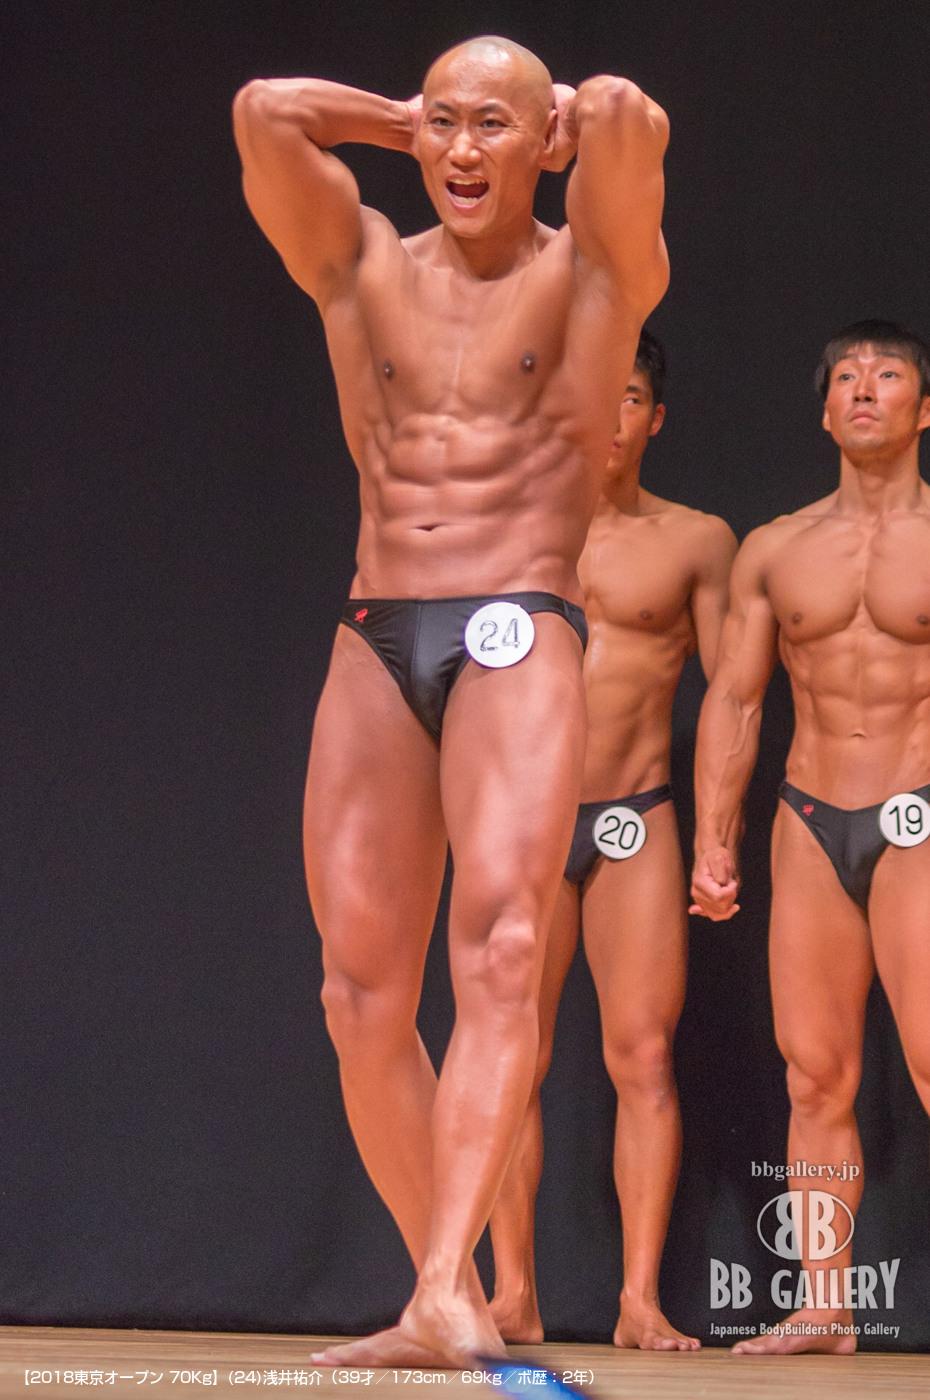 【2018東京オープン 70Kg】(24)浅井祐介(39才/173cm/69kg/ボ歴:2年)